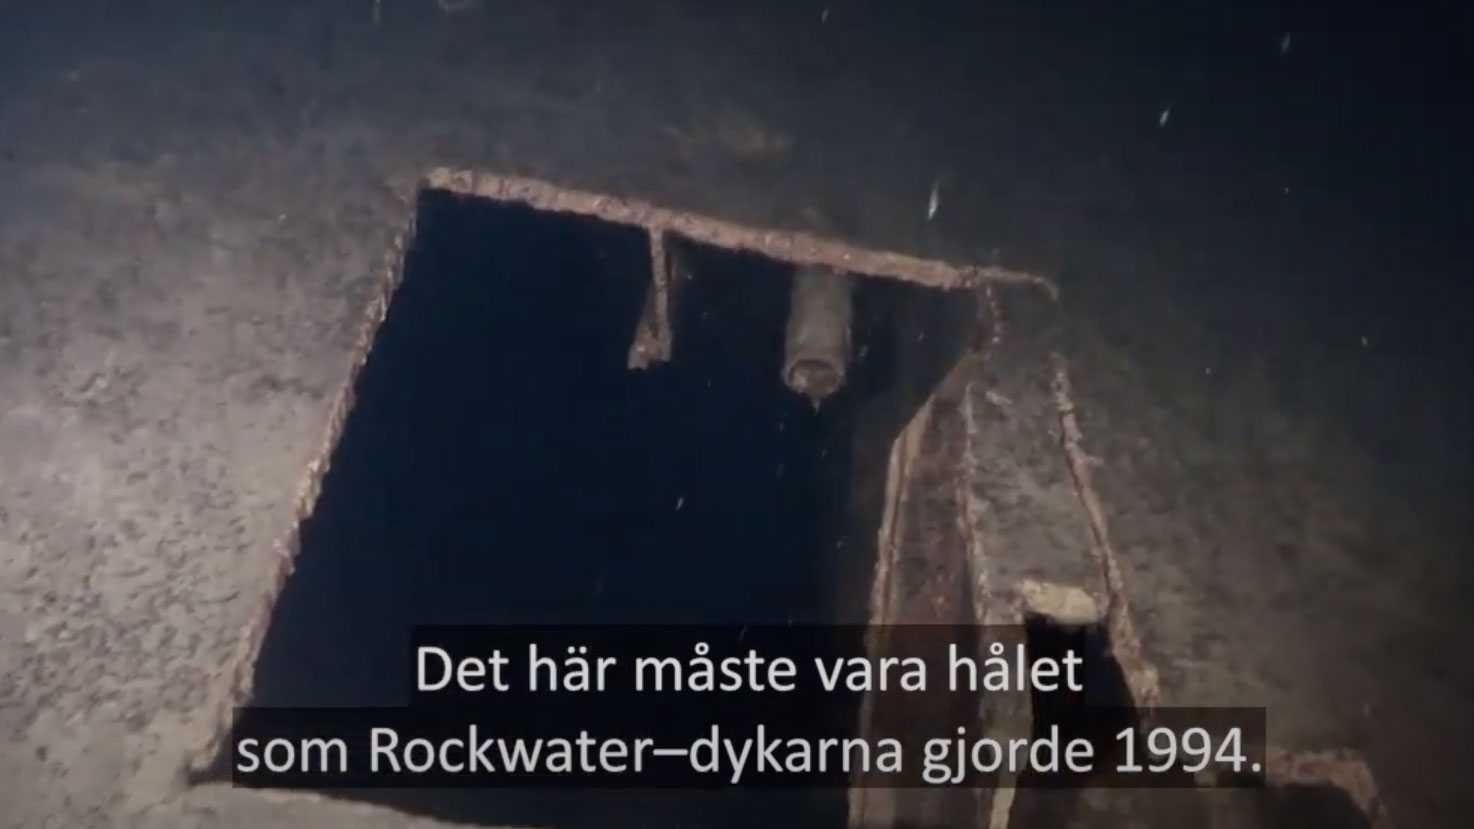 Efter förlisningen undersöktes Estonias vrak av dykare från företaget Rockwater, på uppdrag av Sjöfartsverket.